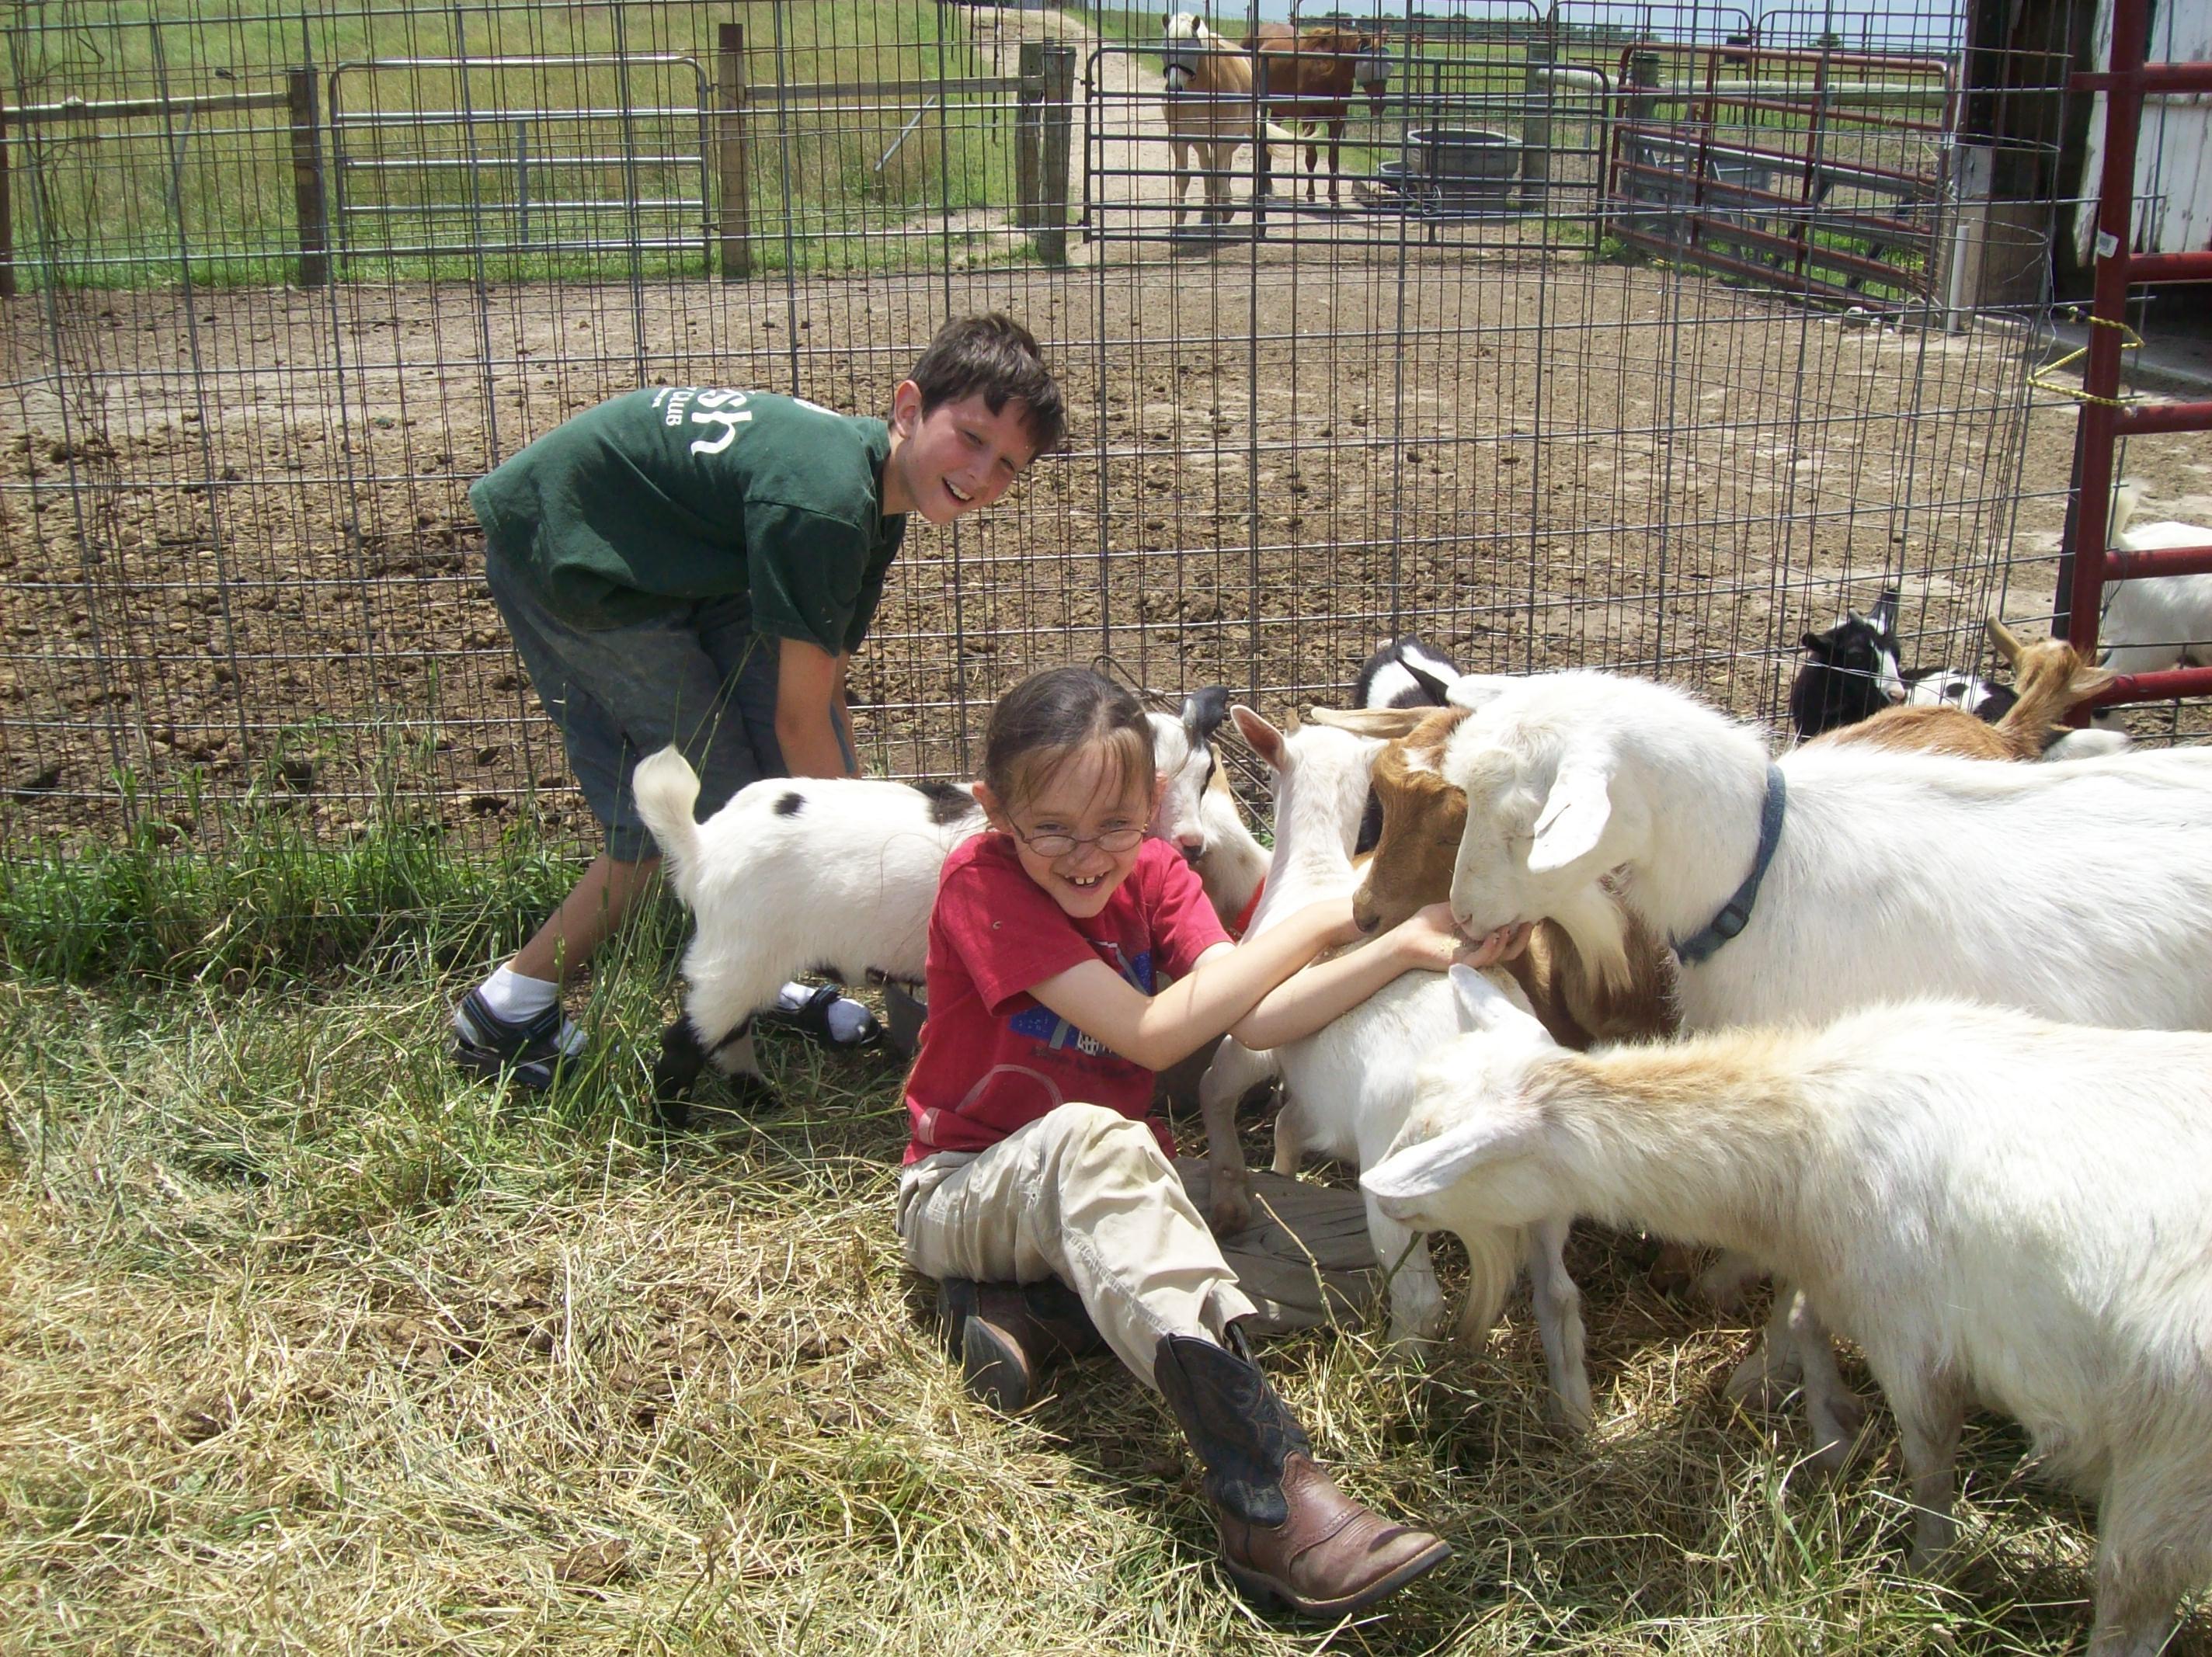 Farm Camp June 19-23, 2017 ages 8+